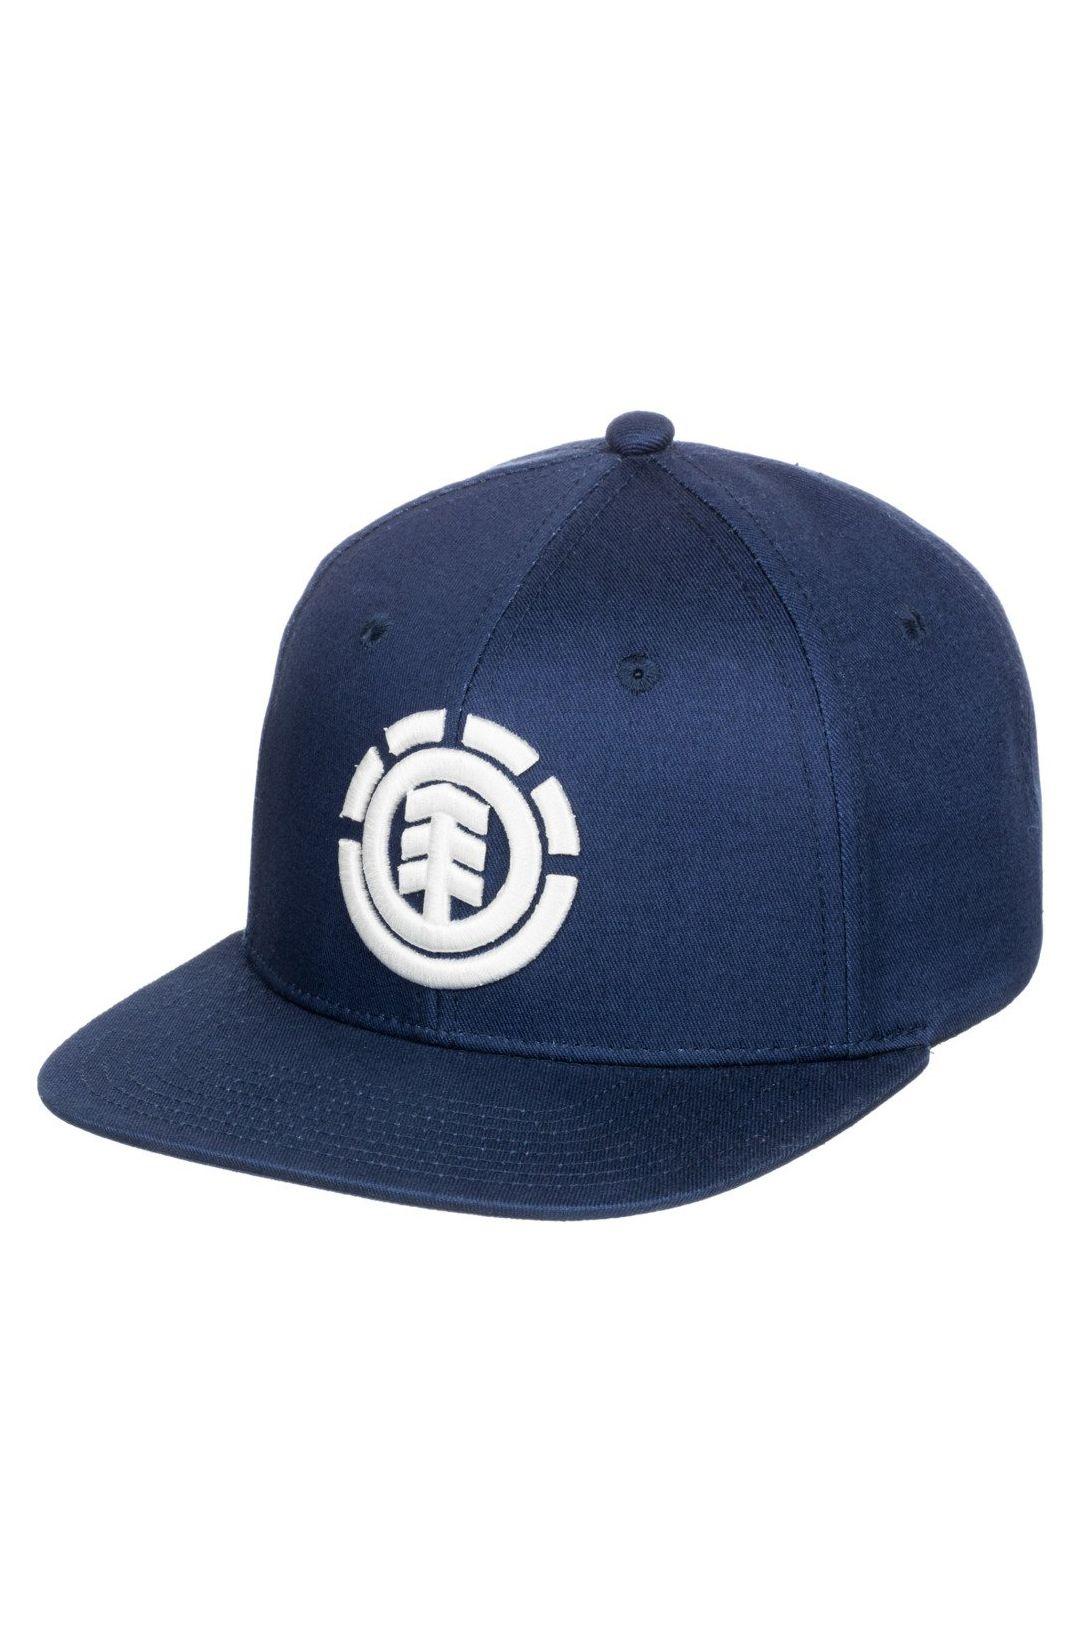 Element Cap   KNUTSEN CAP Indigo